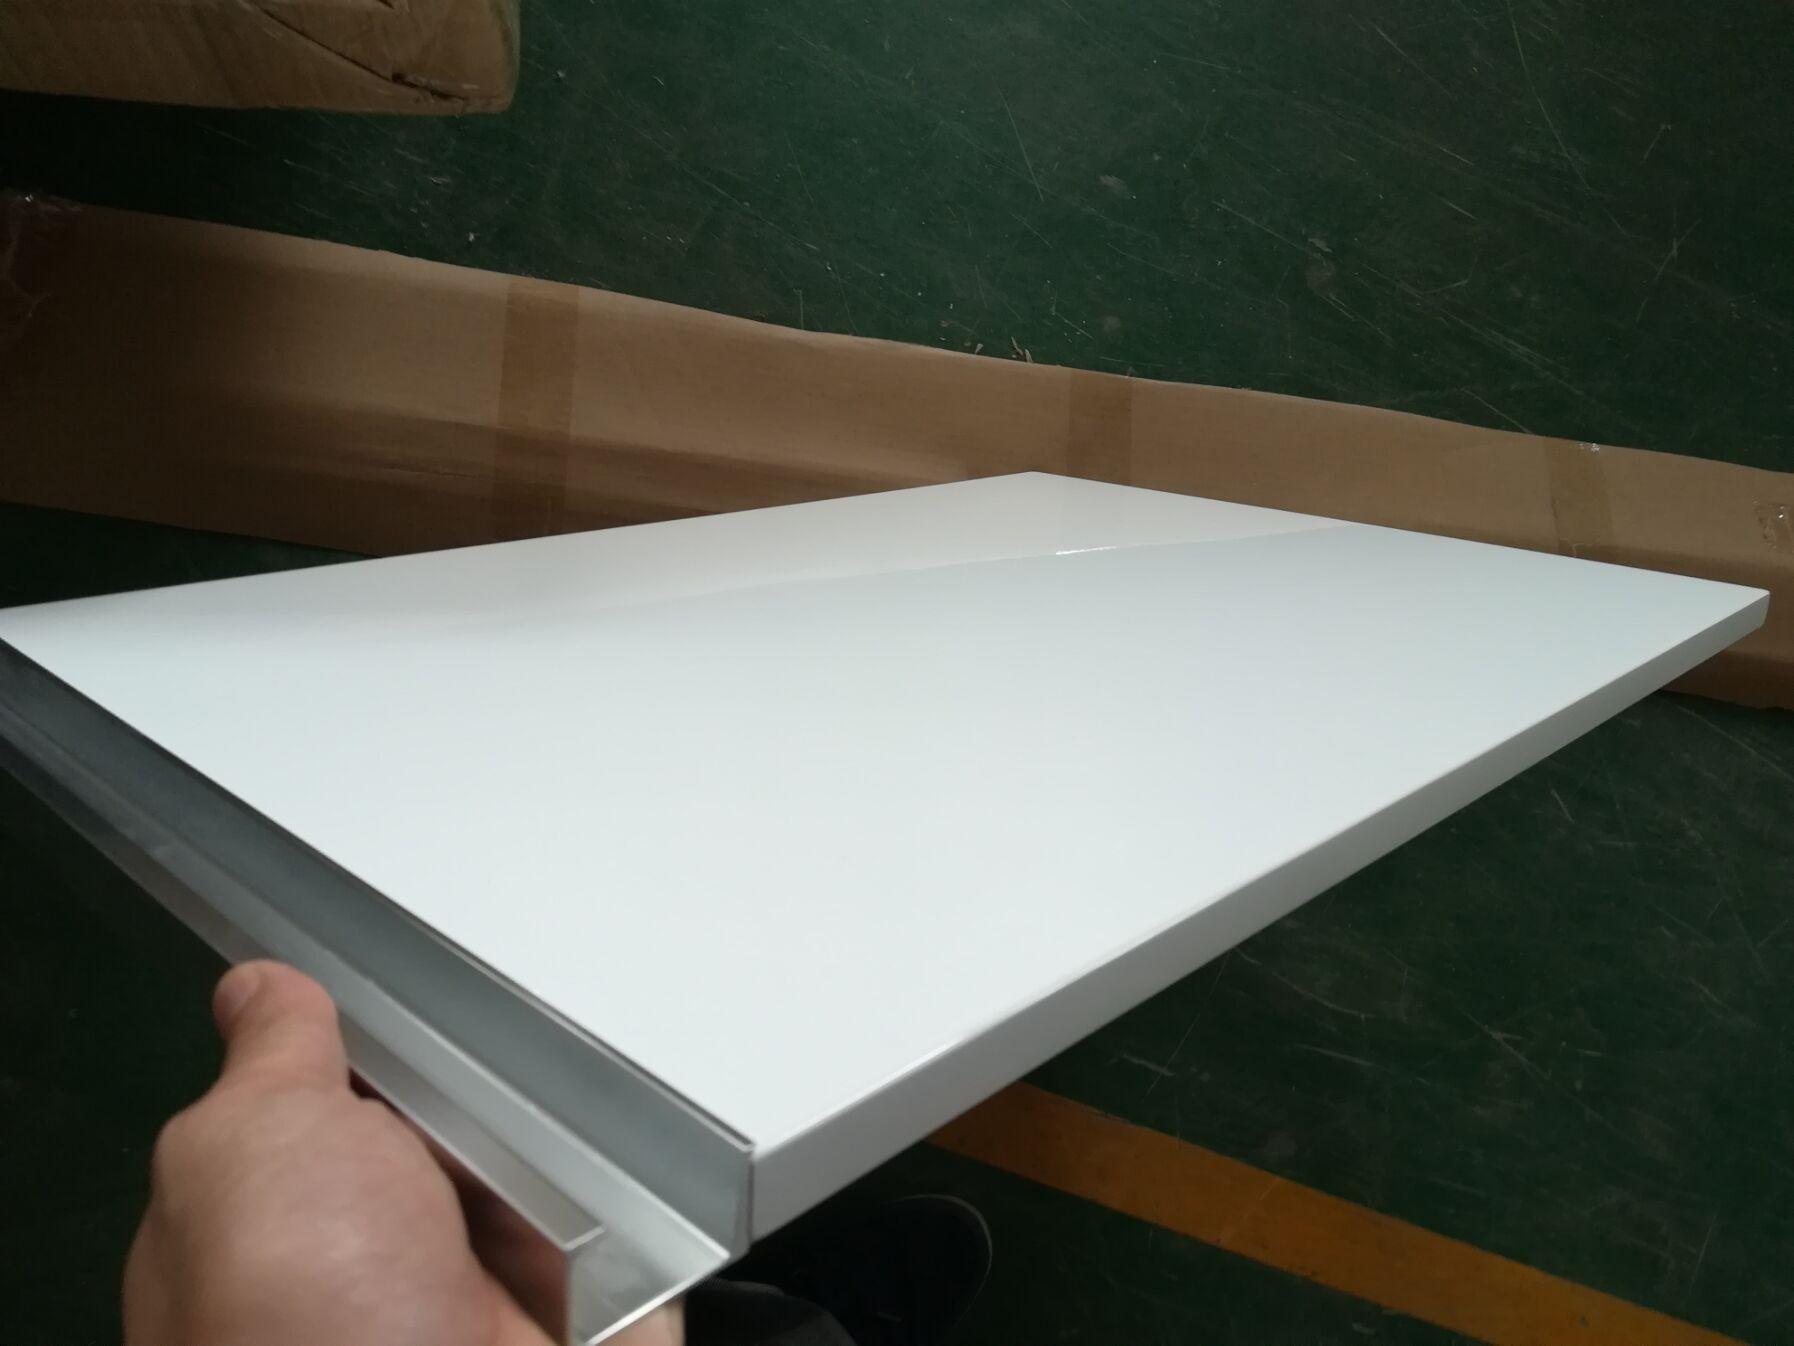 万江钢琴烤漆门板厂家,烤漆衣柜门定制,烤漆衣柜